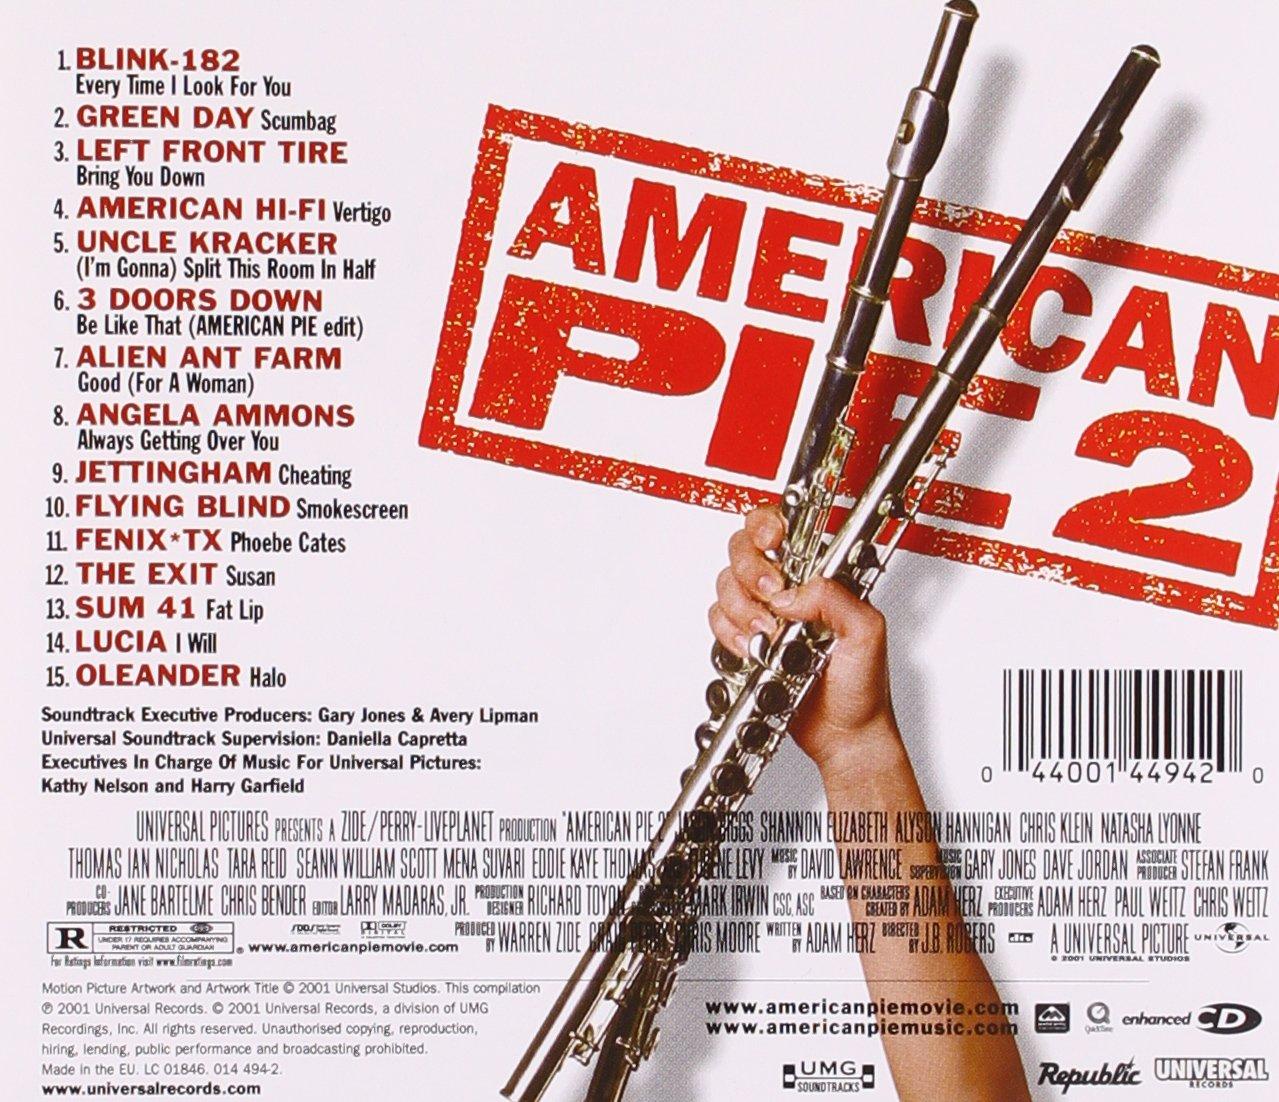 american pie 2 soundtracks Beste Bilder: